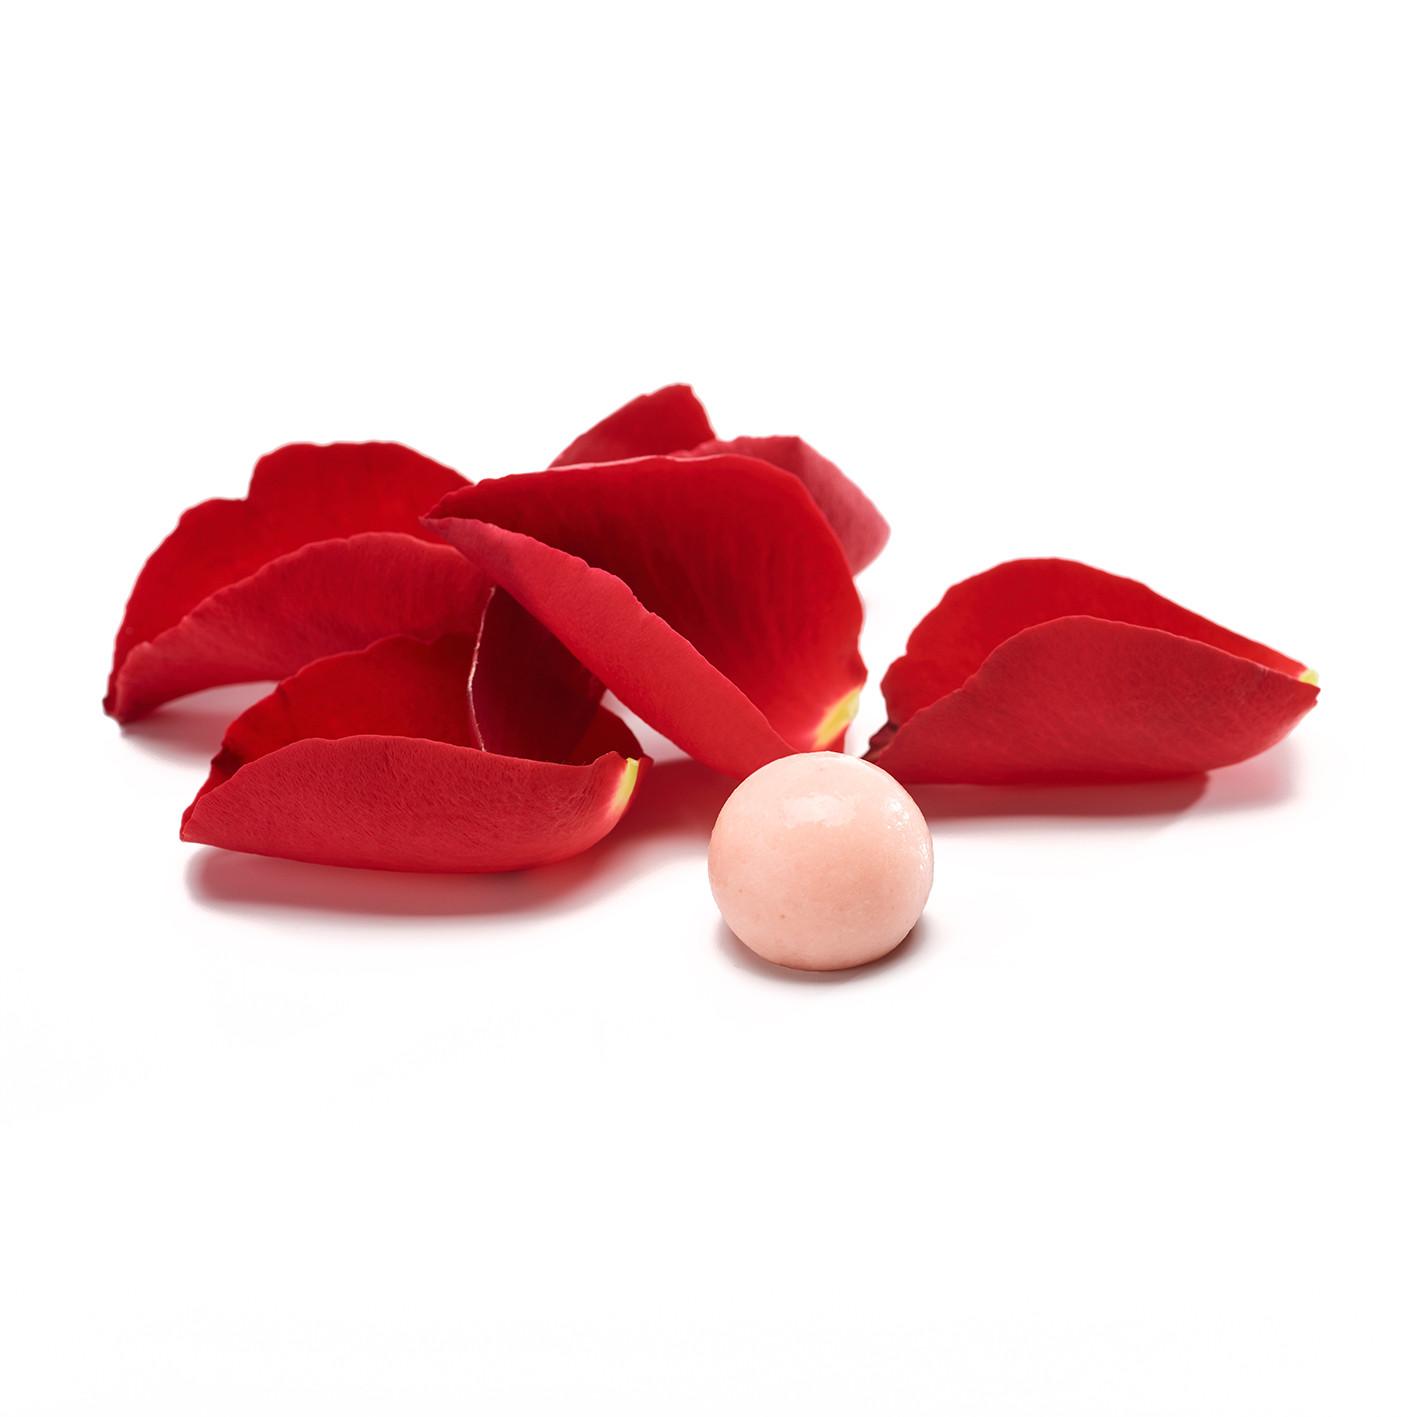 Roos kruid 2